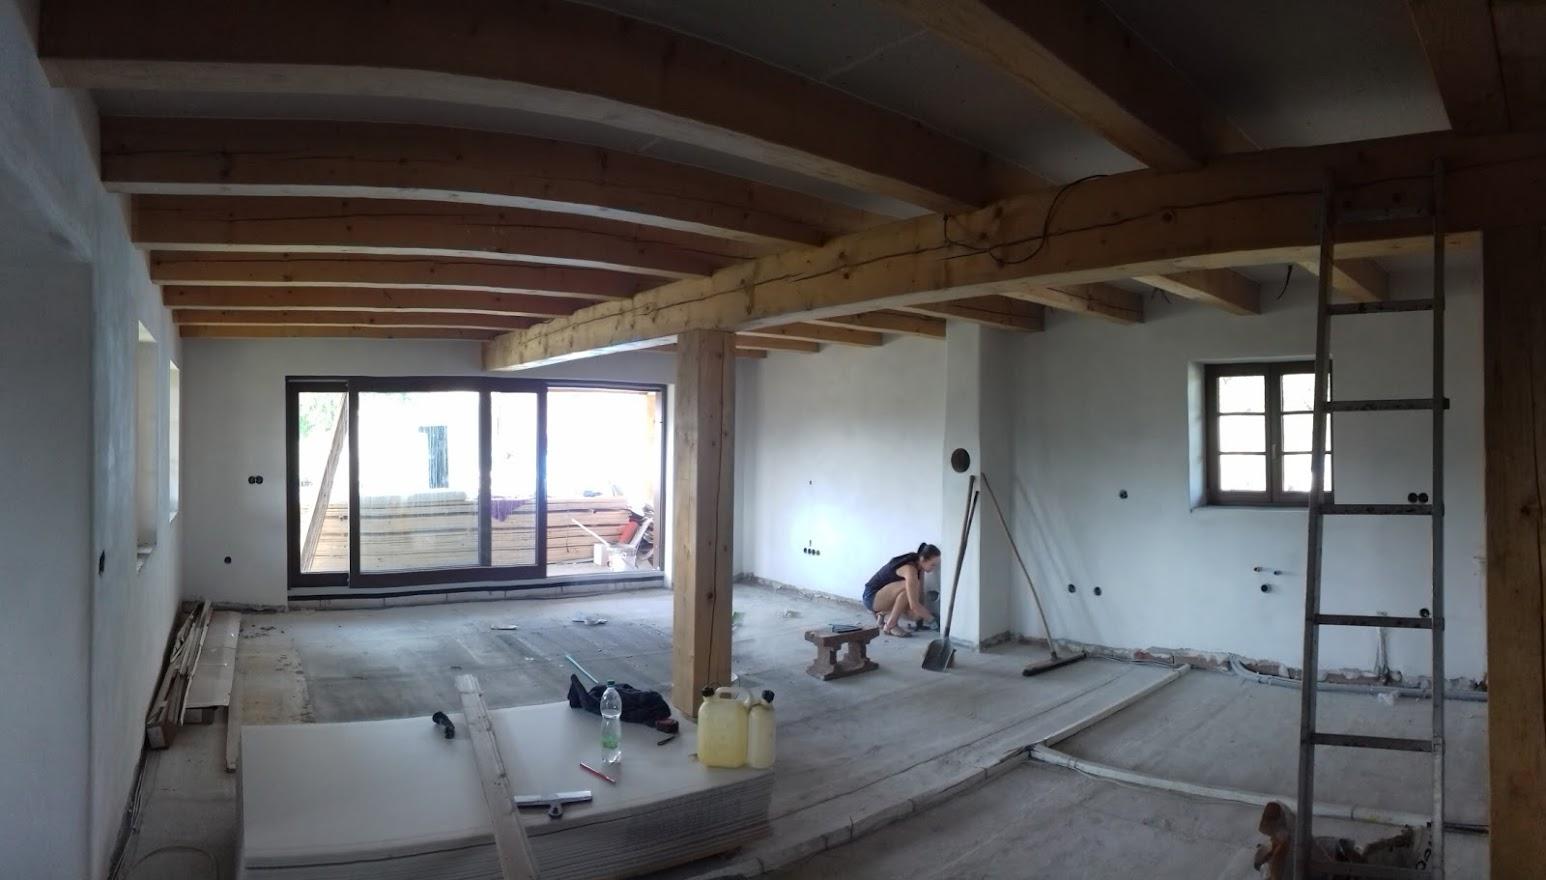 Moderný dom s nádychom slovenskej architektúry - Obrázok č. 14